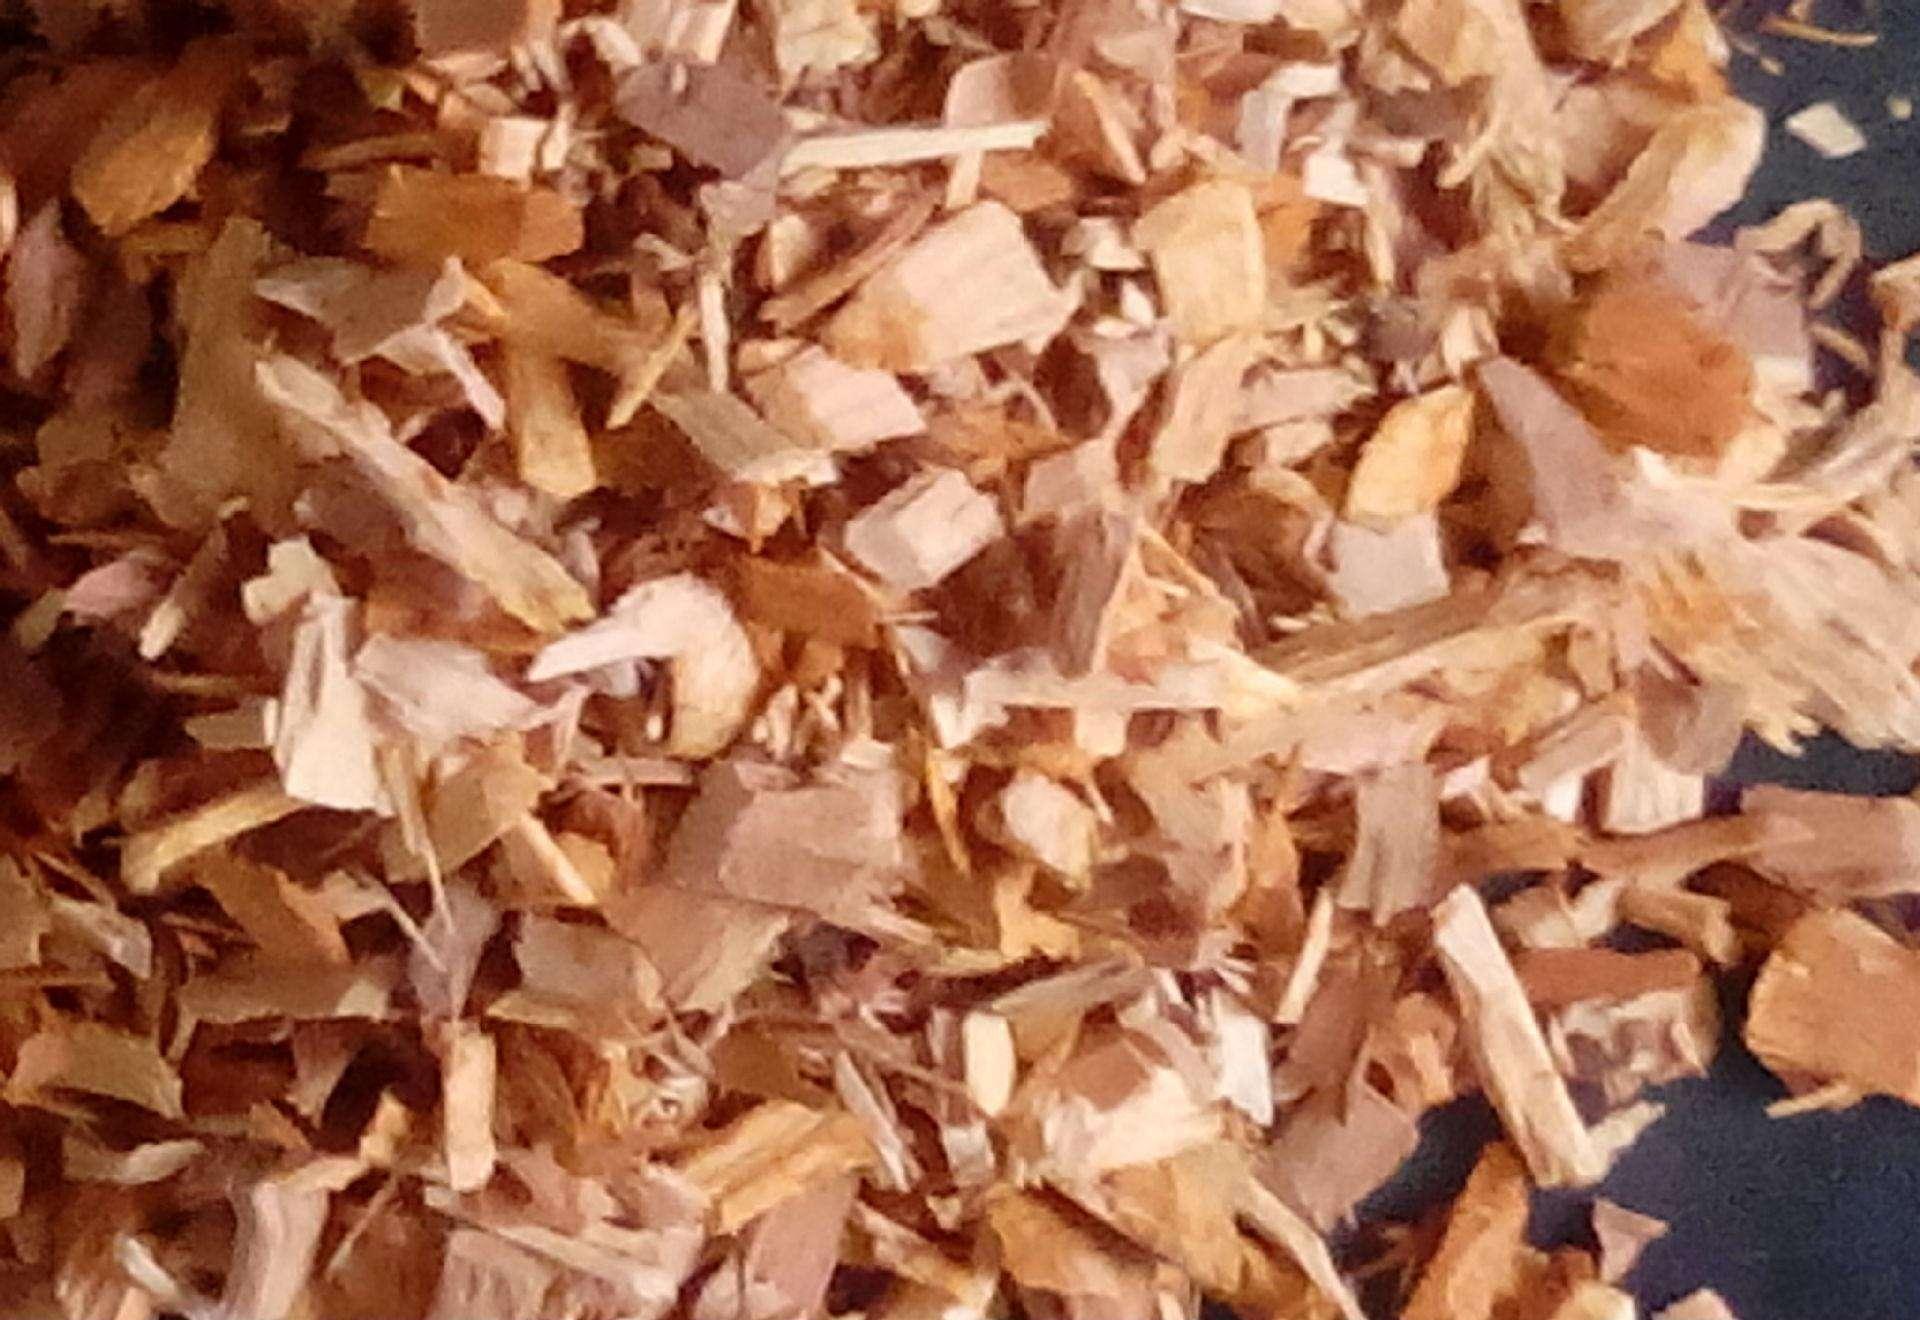 老苗汤价格多少钱_木屑多少钱一吨香菇用木屑价格菌类木屑价格_甘蔗艾草红薯种植 ...